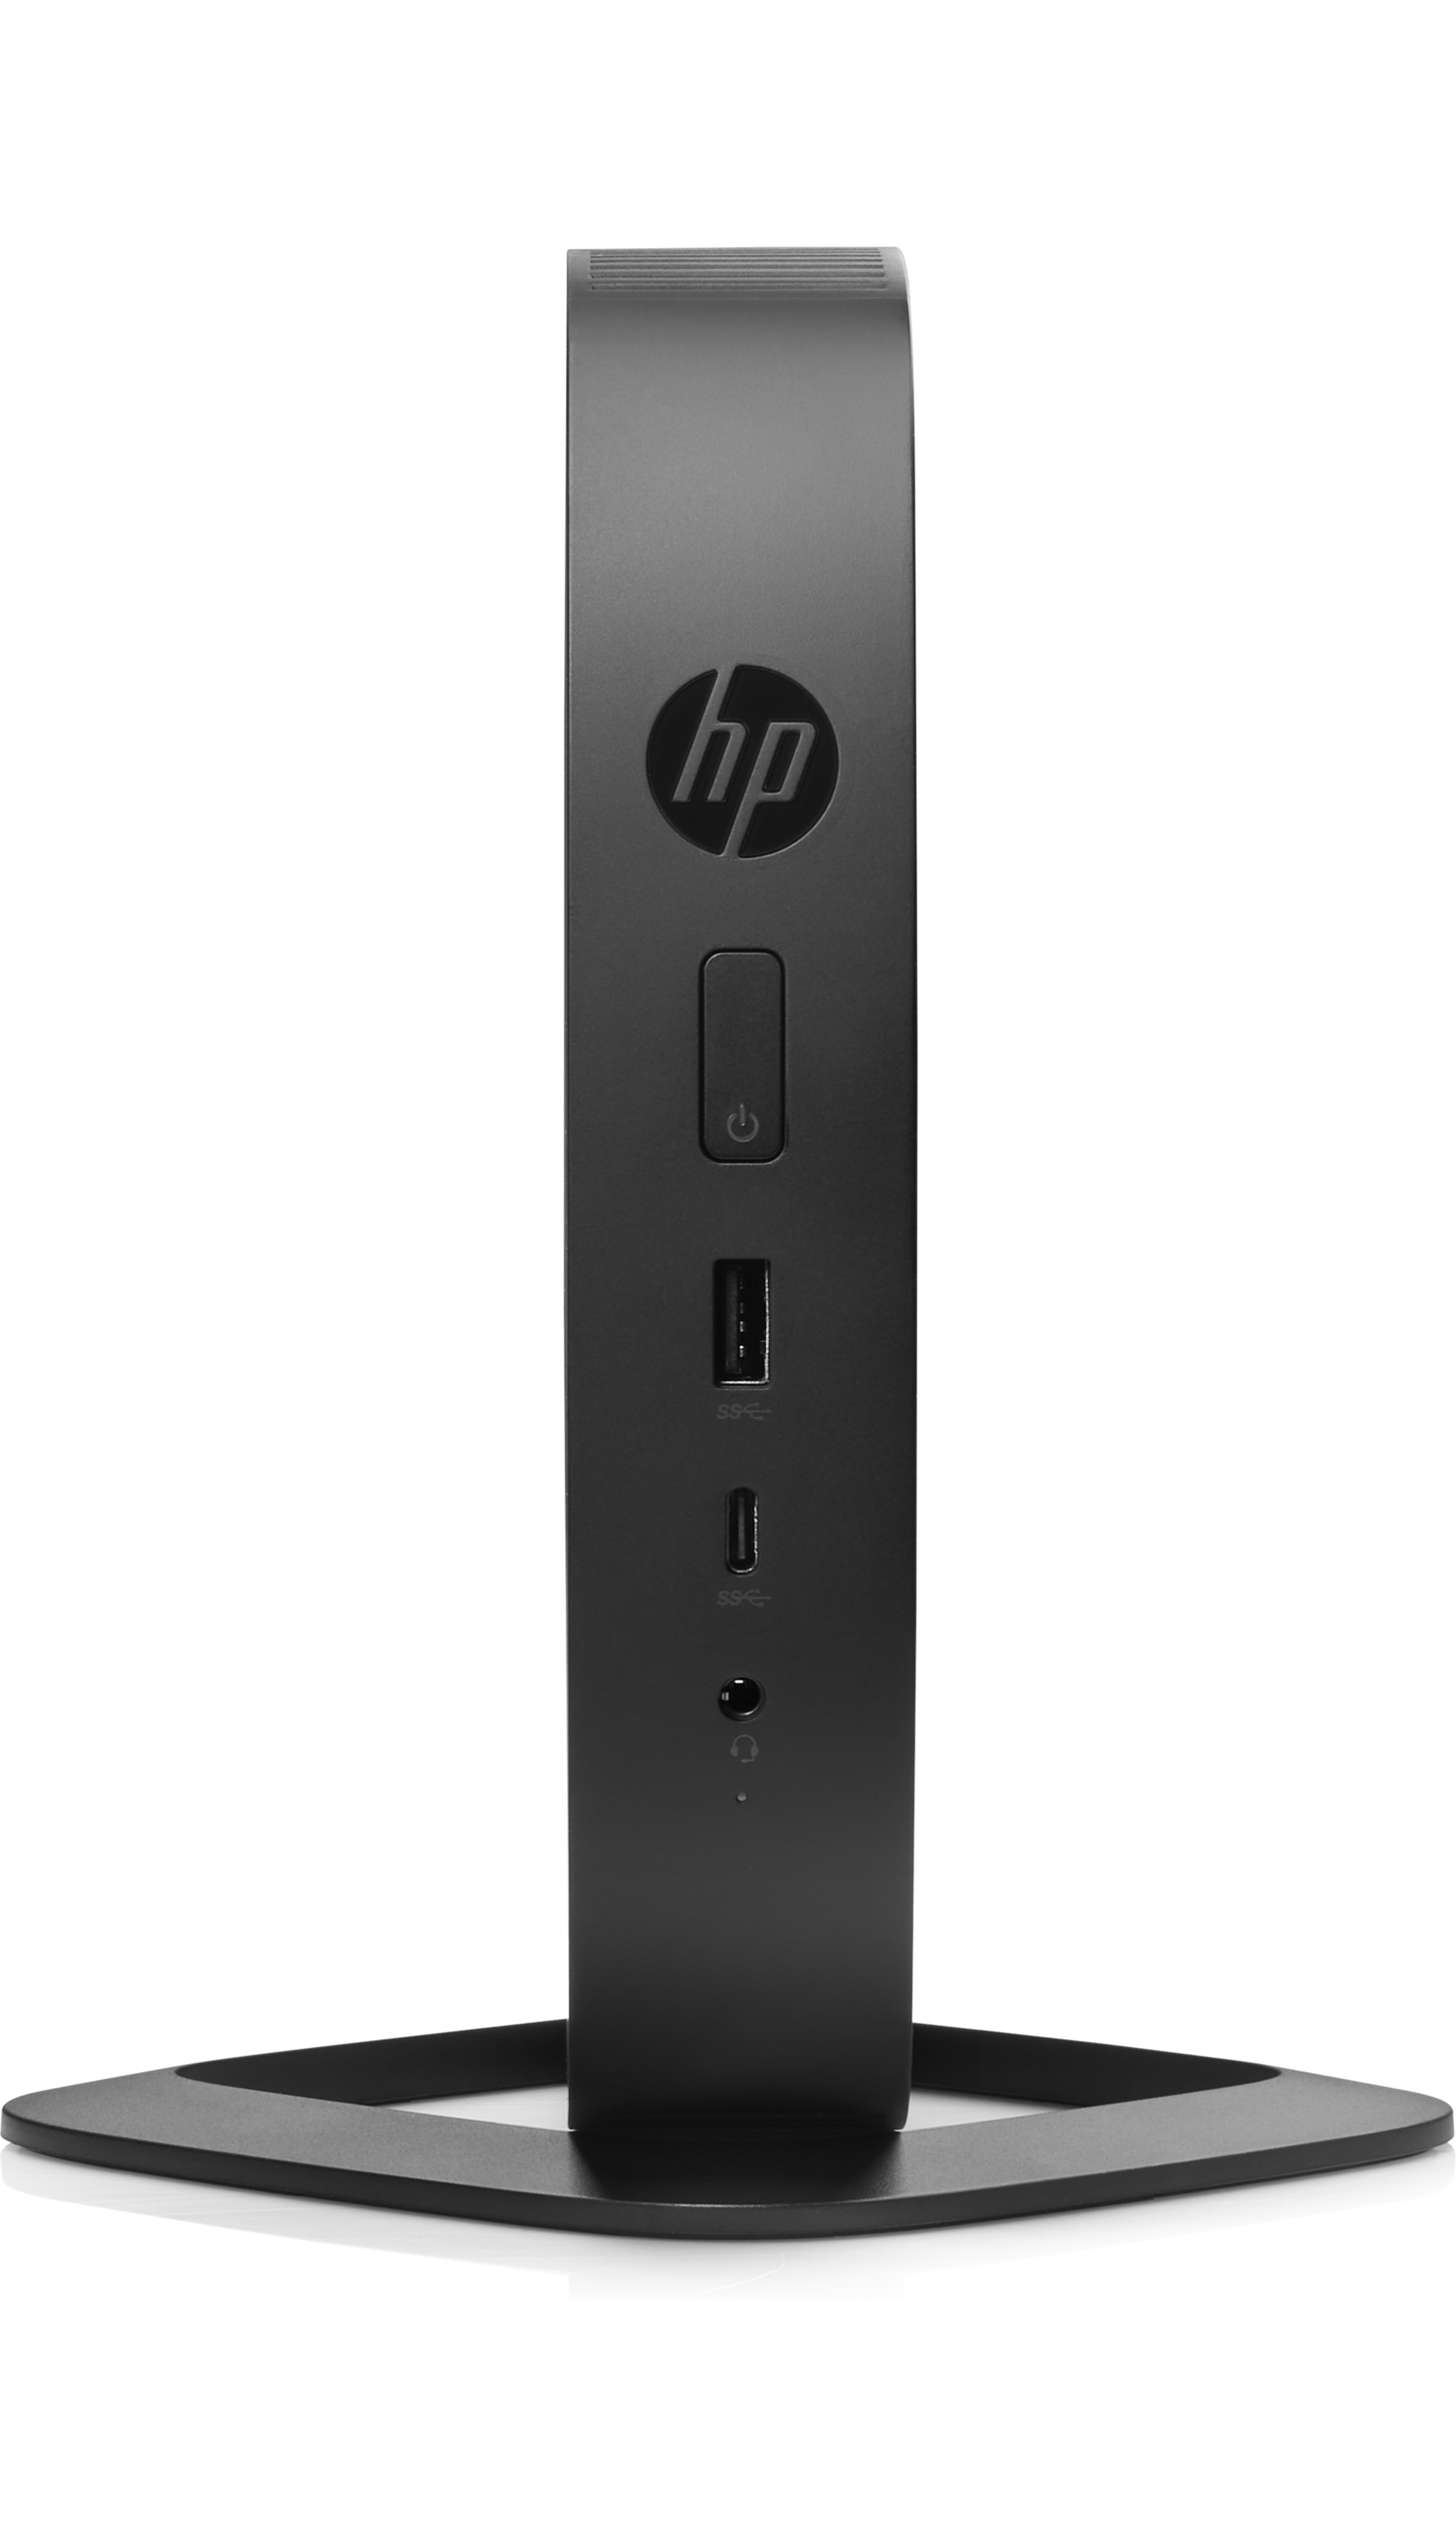 Hewlett-Packard, t530:, AMD, GX-215JJ, 1.5, GHz/, 4, GB/, 8GB,